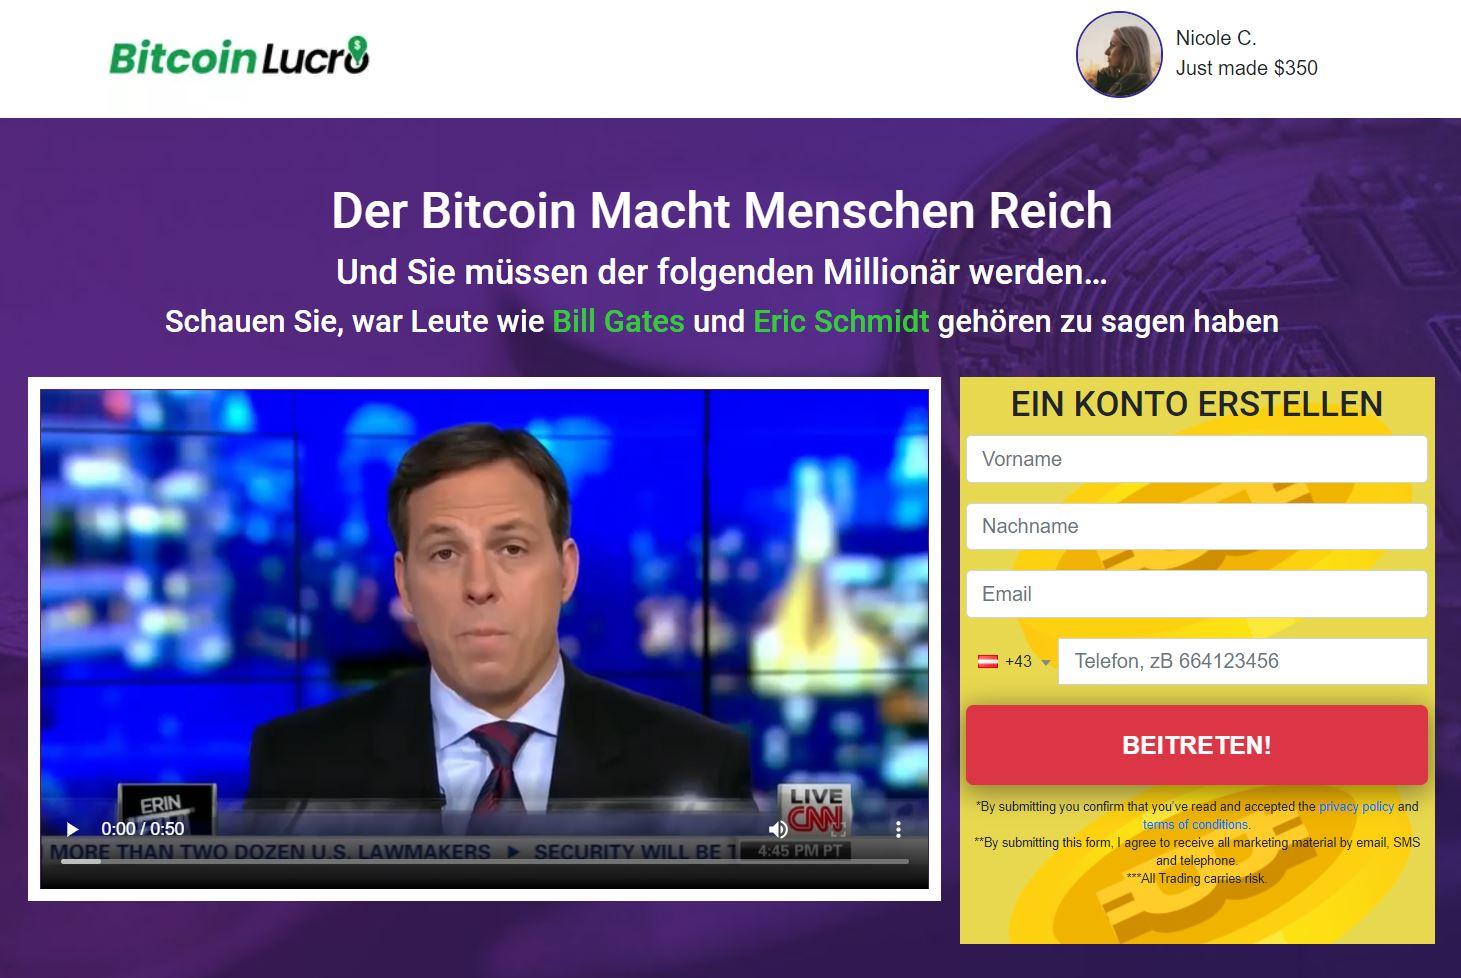 Bitcoin Lucro Webseite